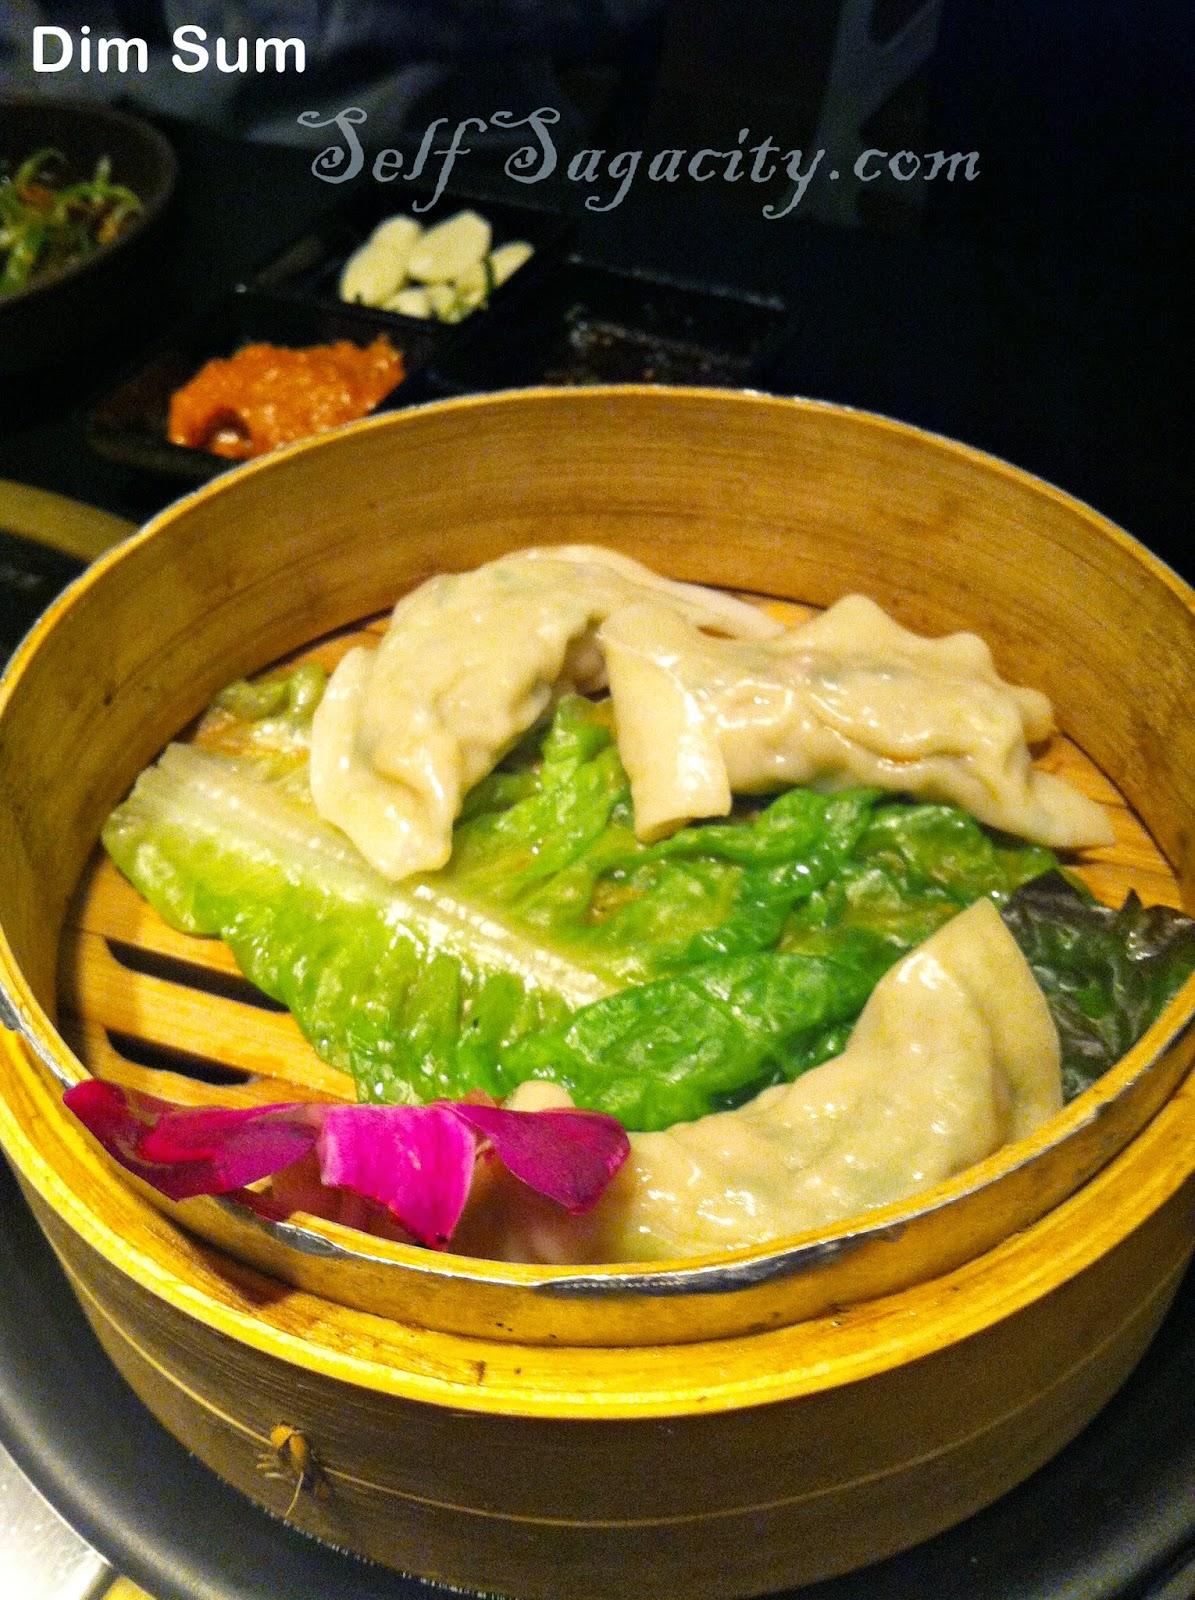 shrimp dumpling dim sum